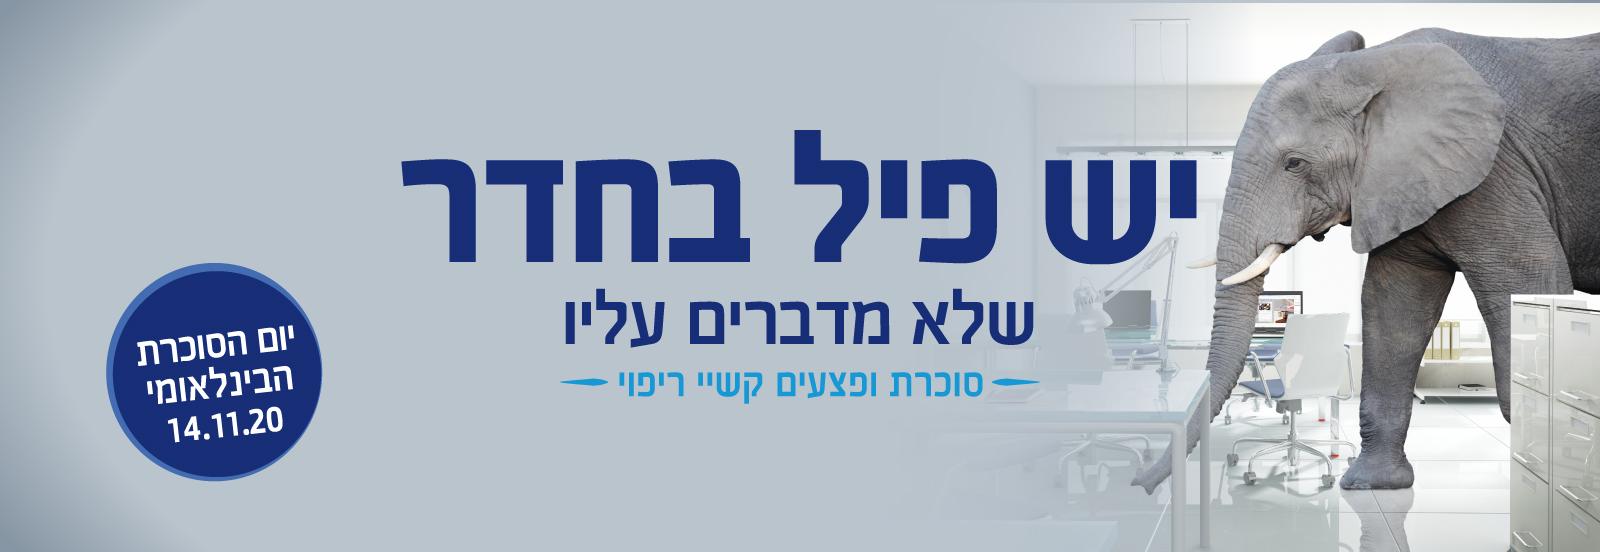 סוכרת ופצעים קשיי ריפוי- כל מה שחשוב לדעת, יום הסוכרת הבינלאומי 14.11.20